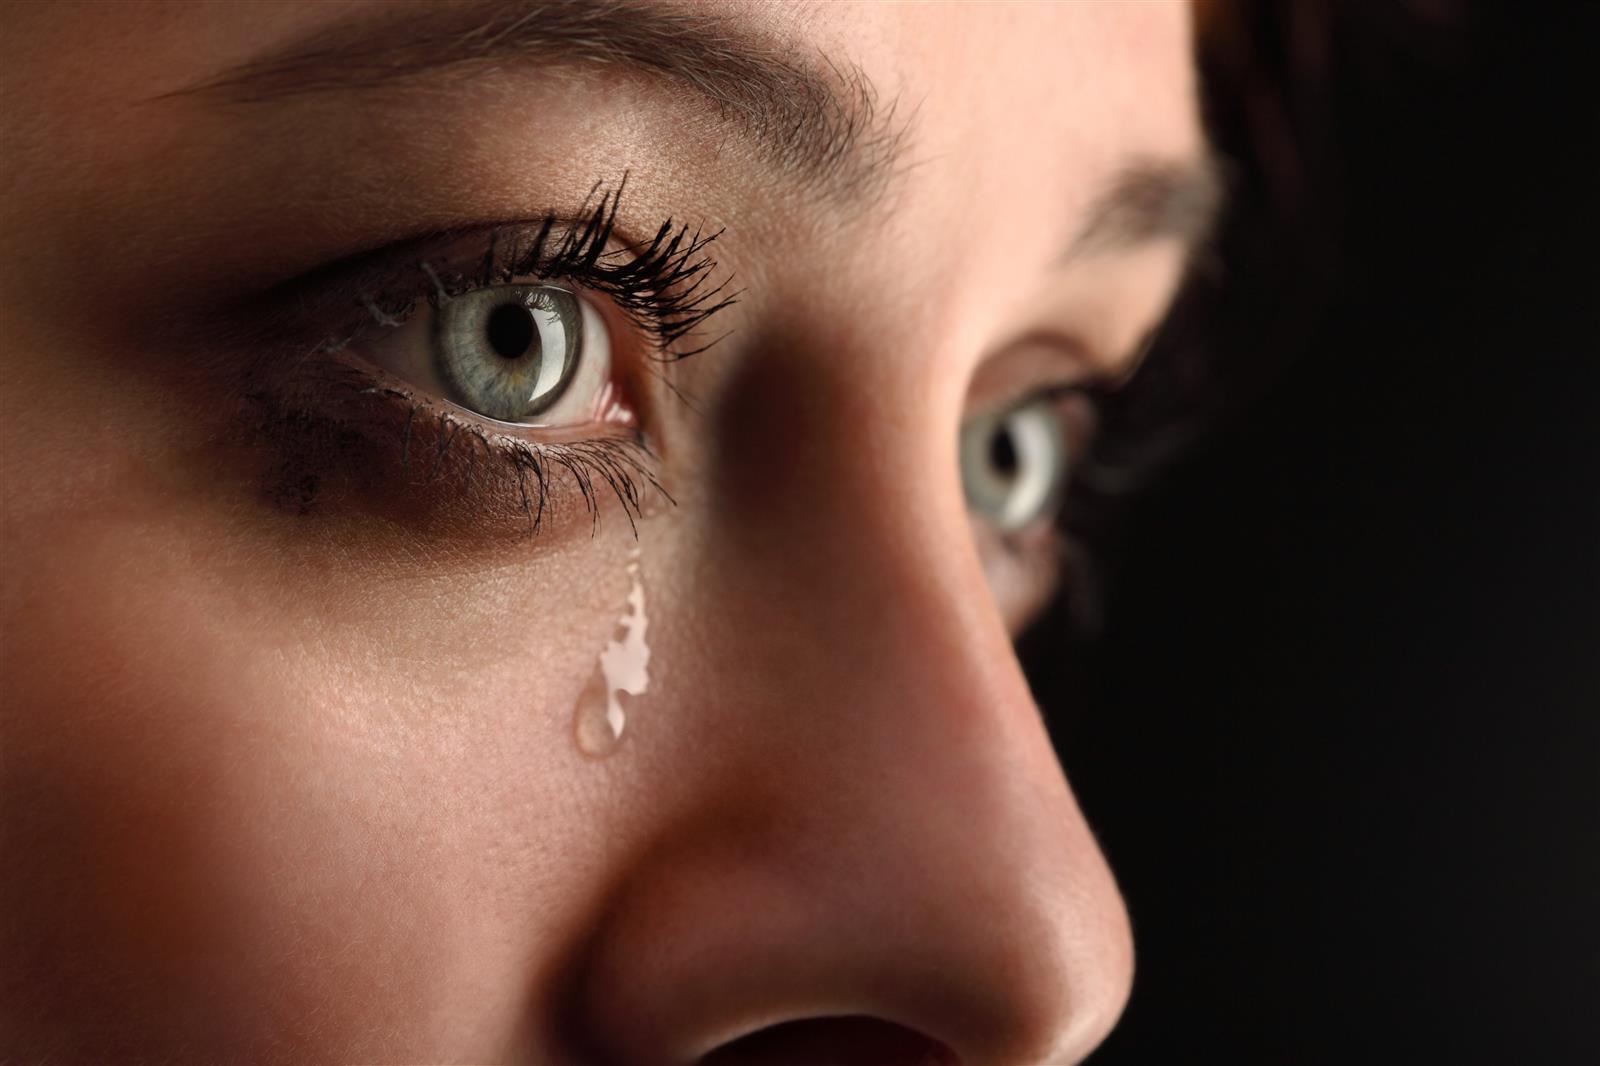 تفسير حلم البكاء بحرقة